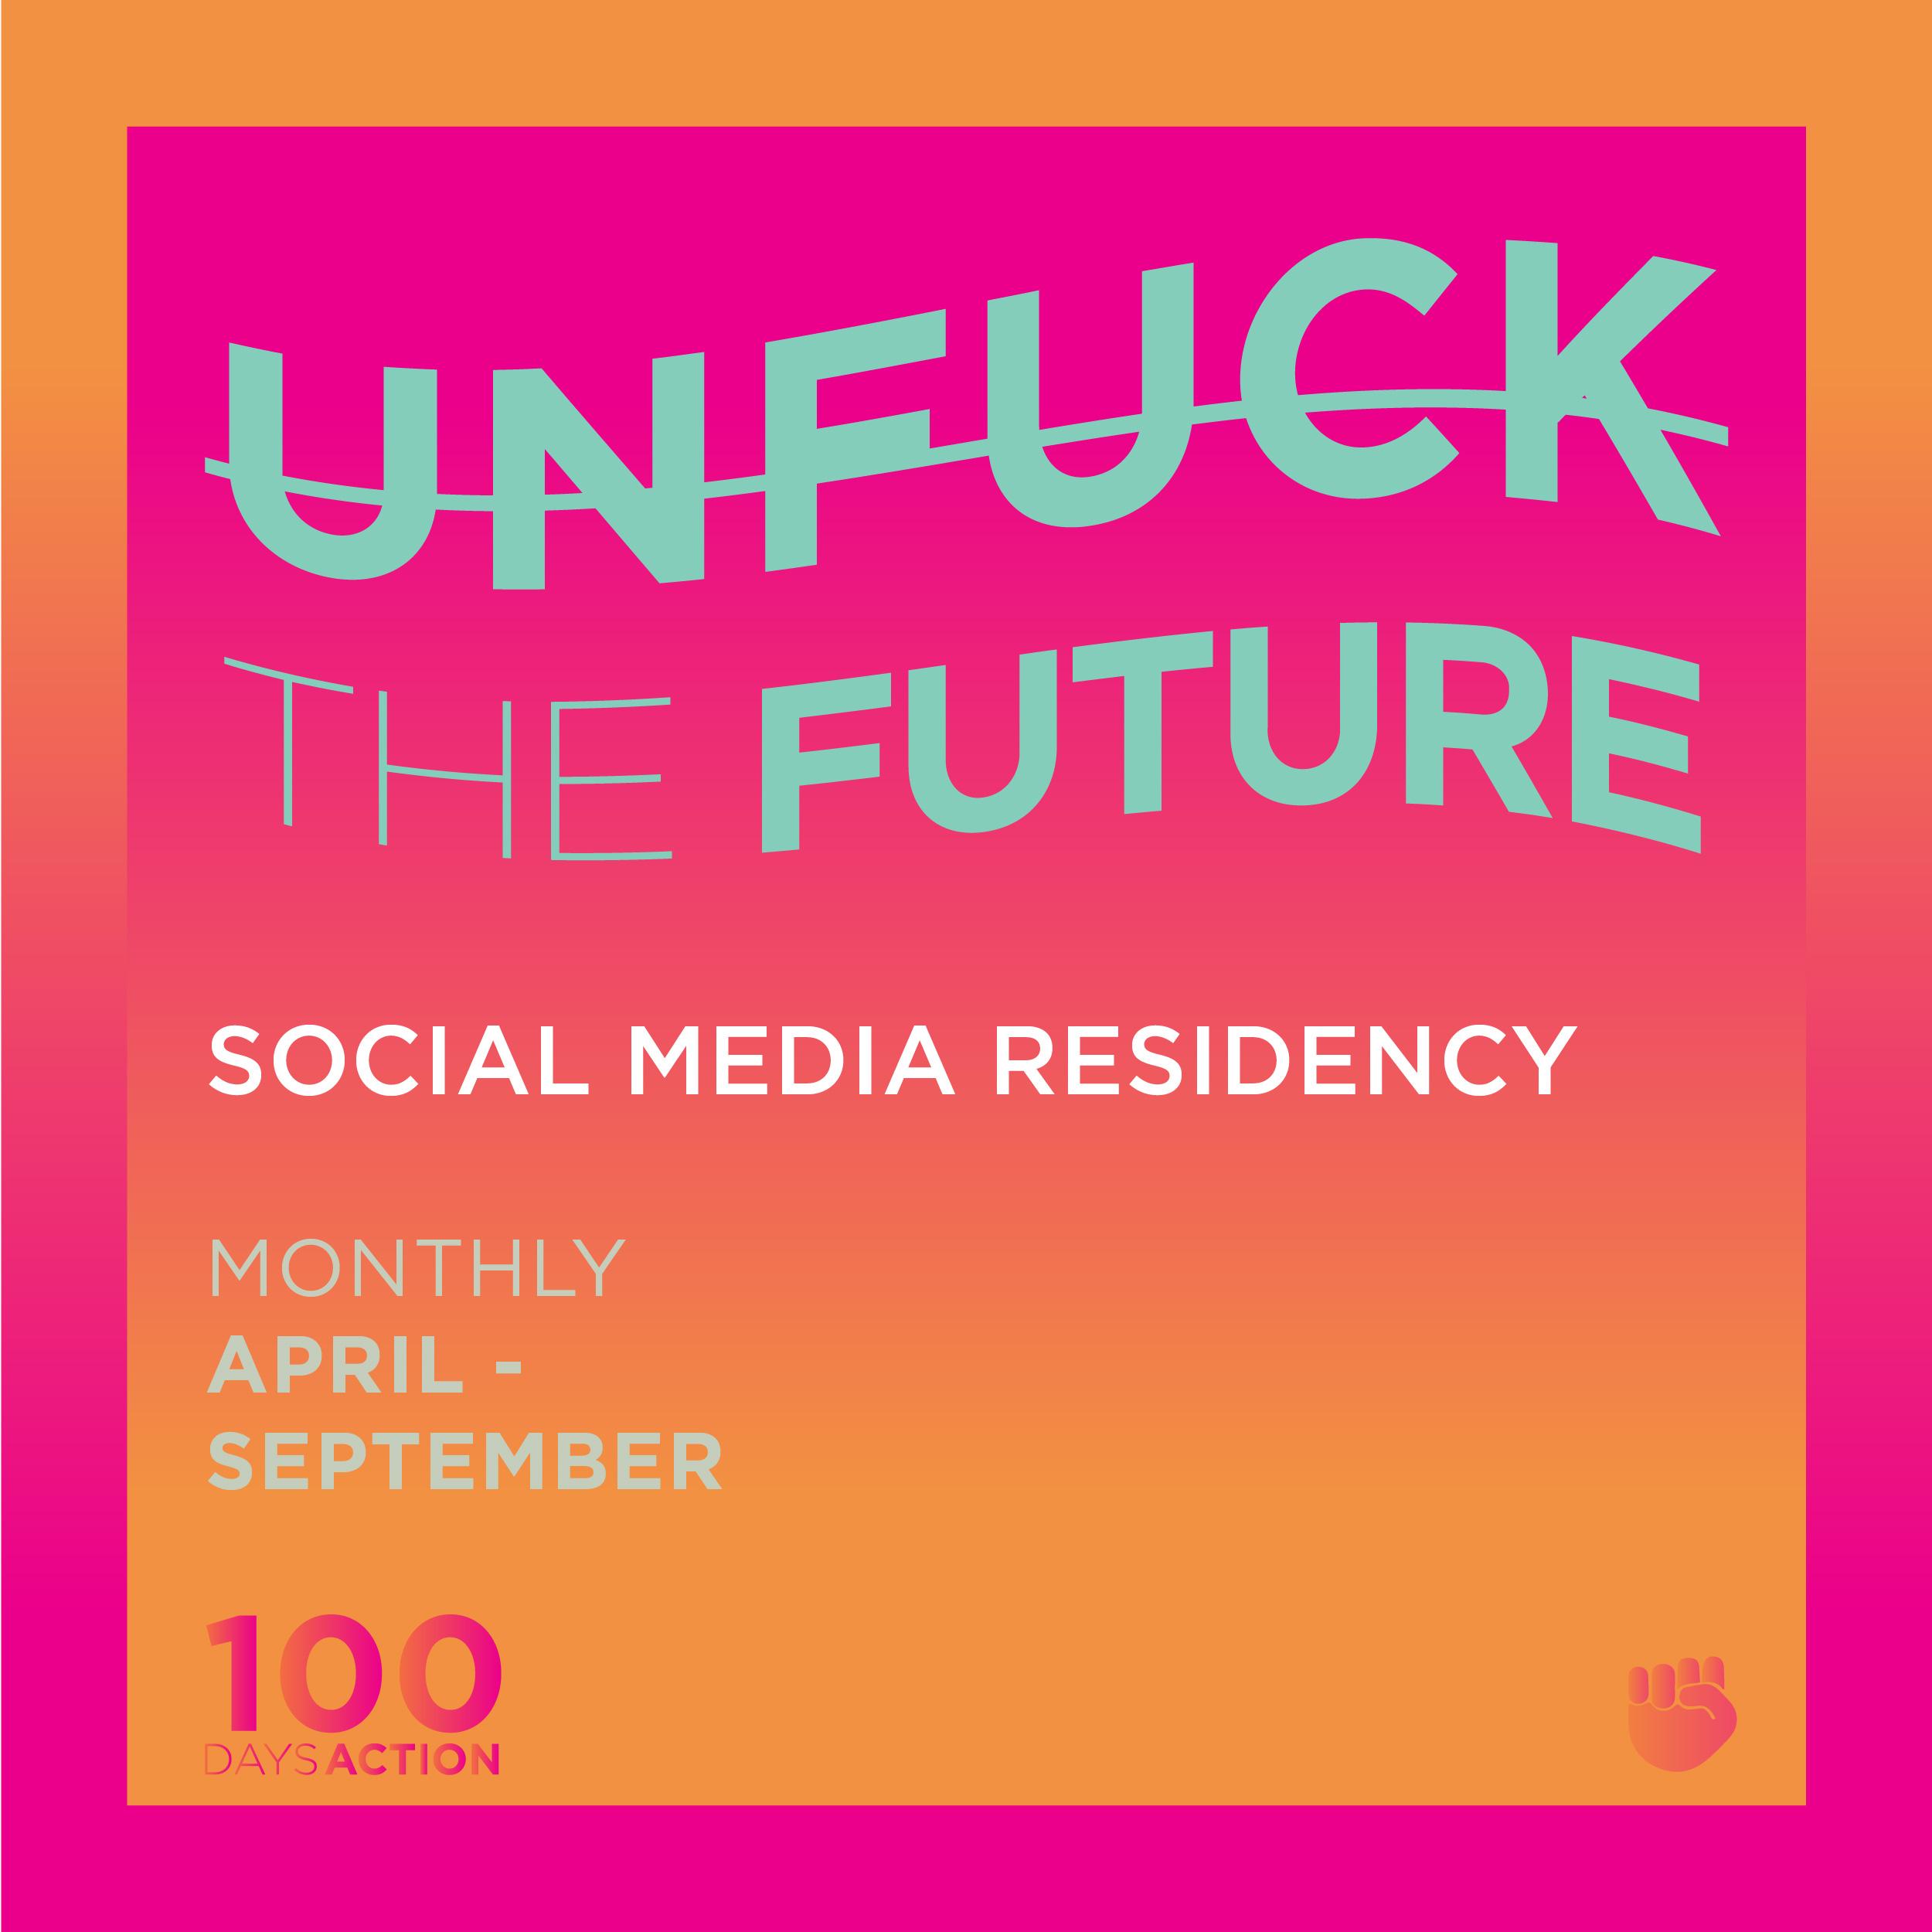 UNFUCK THE FUTURE V2-05.jpg